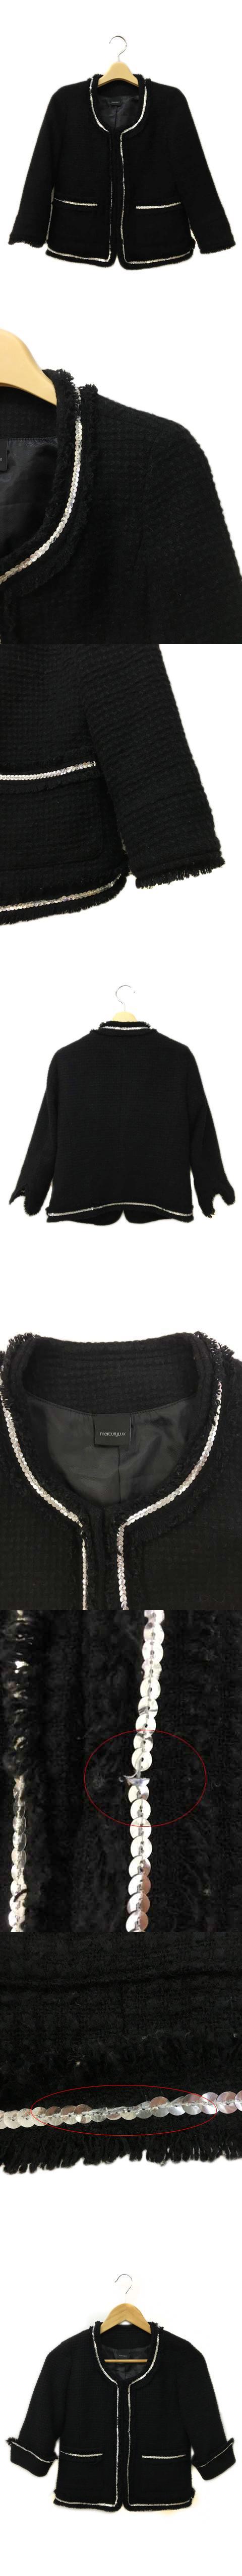 ジャケット ノーカラー スパンコール フリンジ ウール 七分袖 F 黒 ブラック